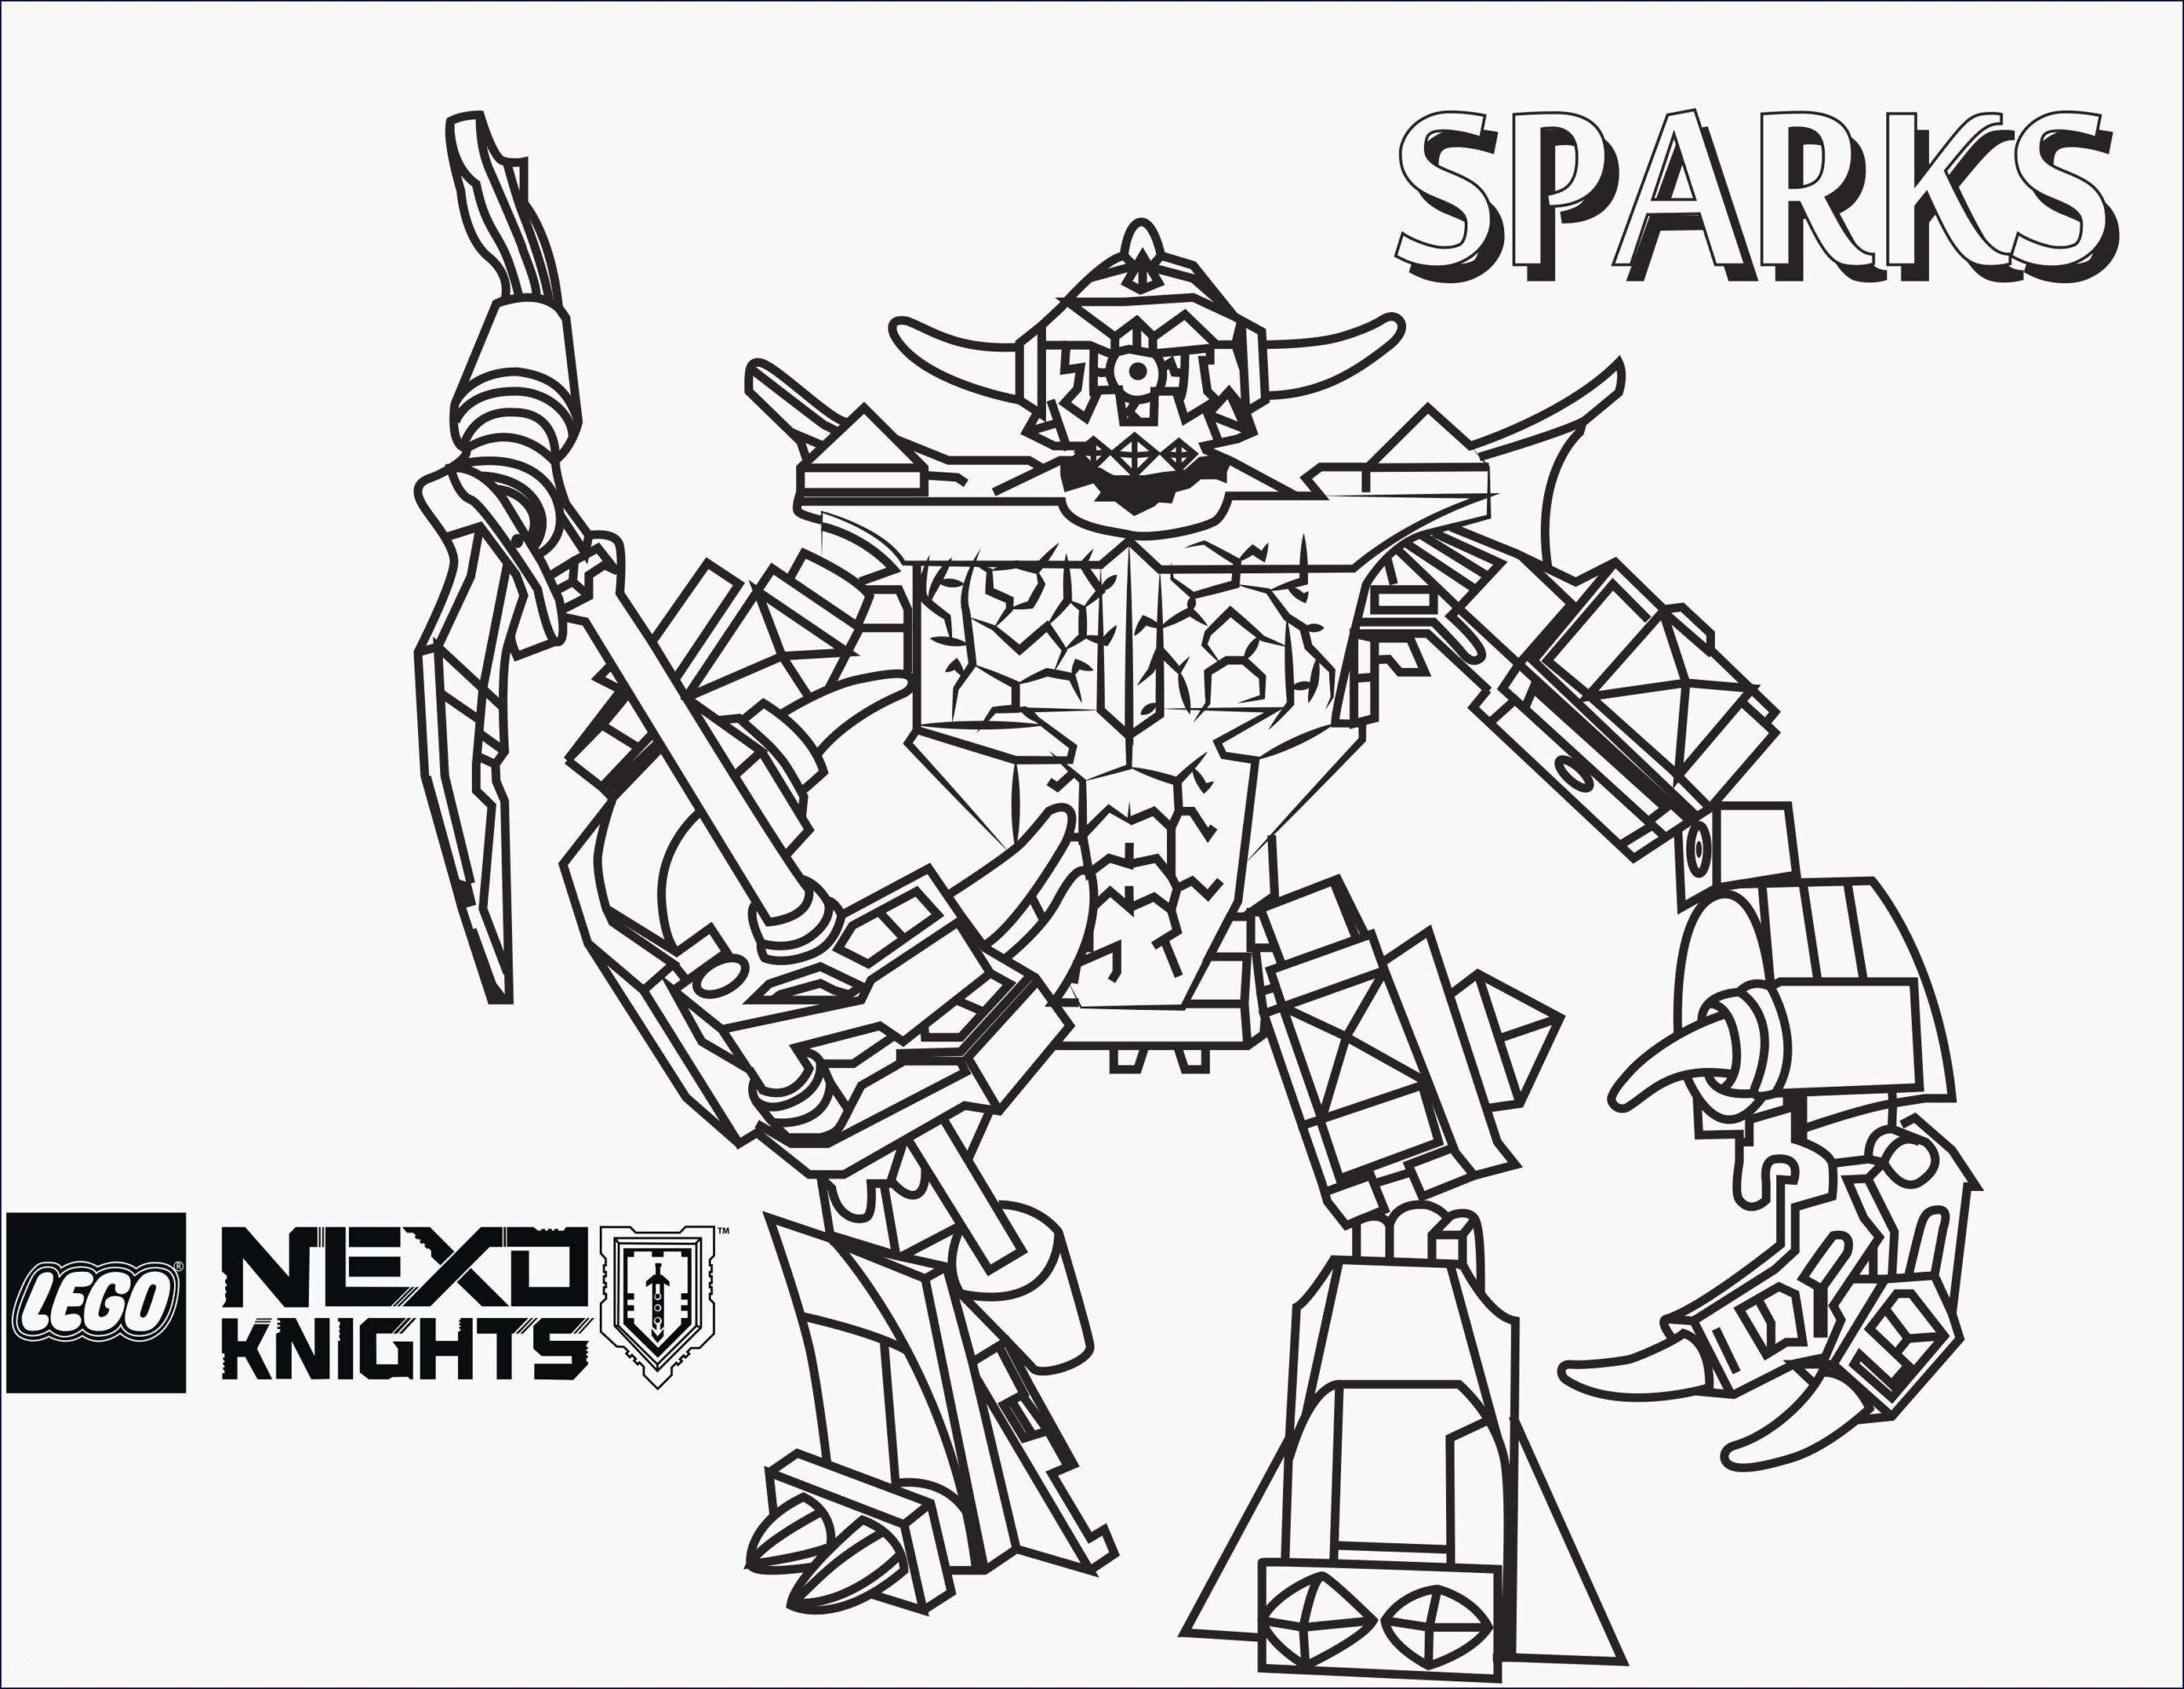 Ten Gut Lego Ninjago Malvorlage Gedanke 2020 Malvorlagen Ausmalbilder Zum Ausdrucken Ausmalbilder